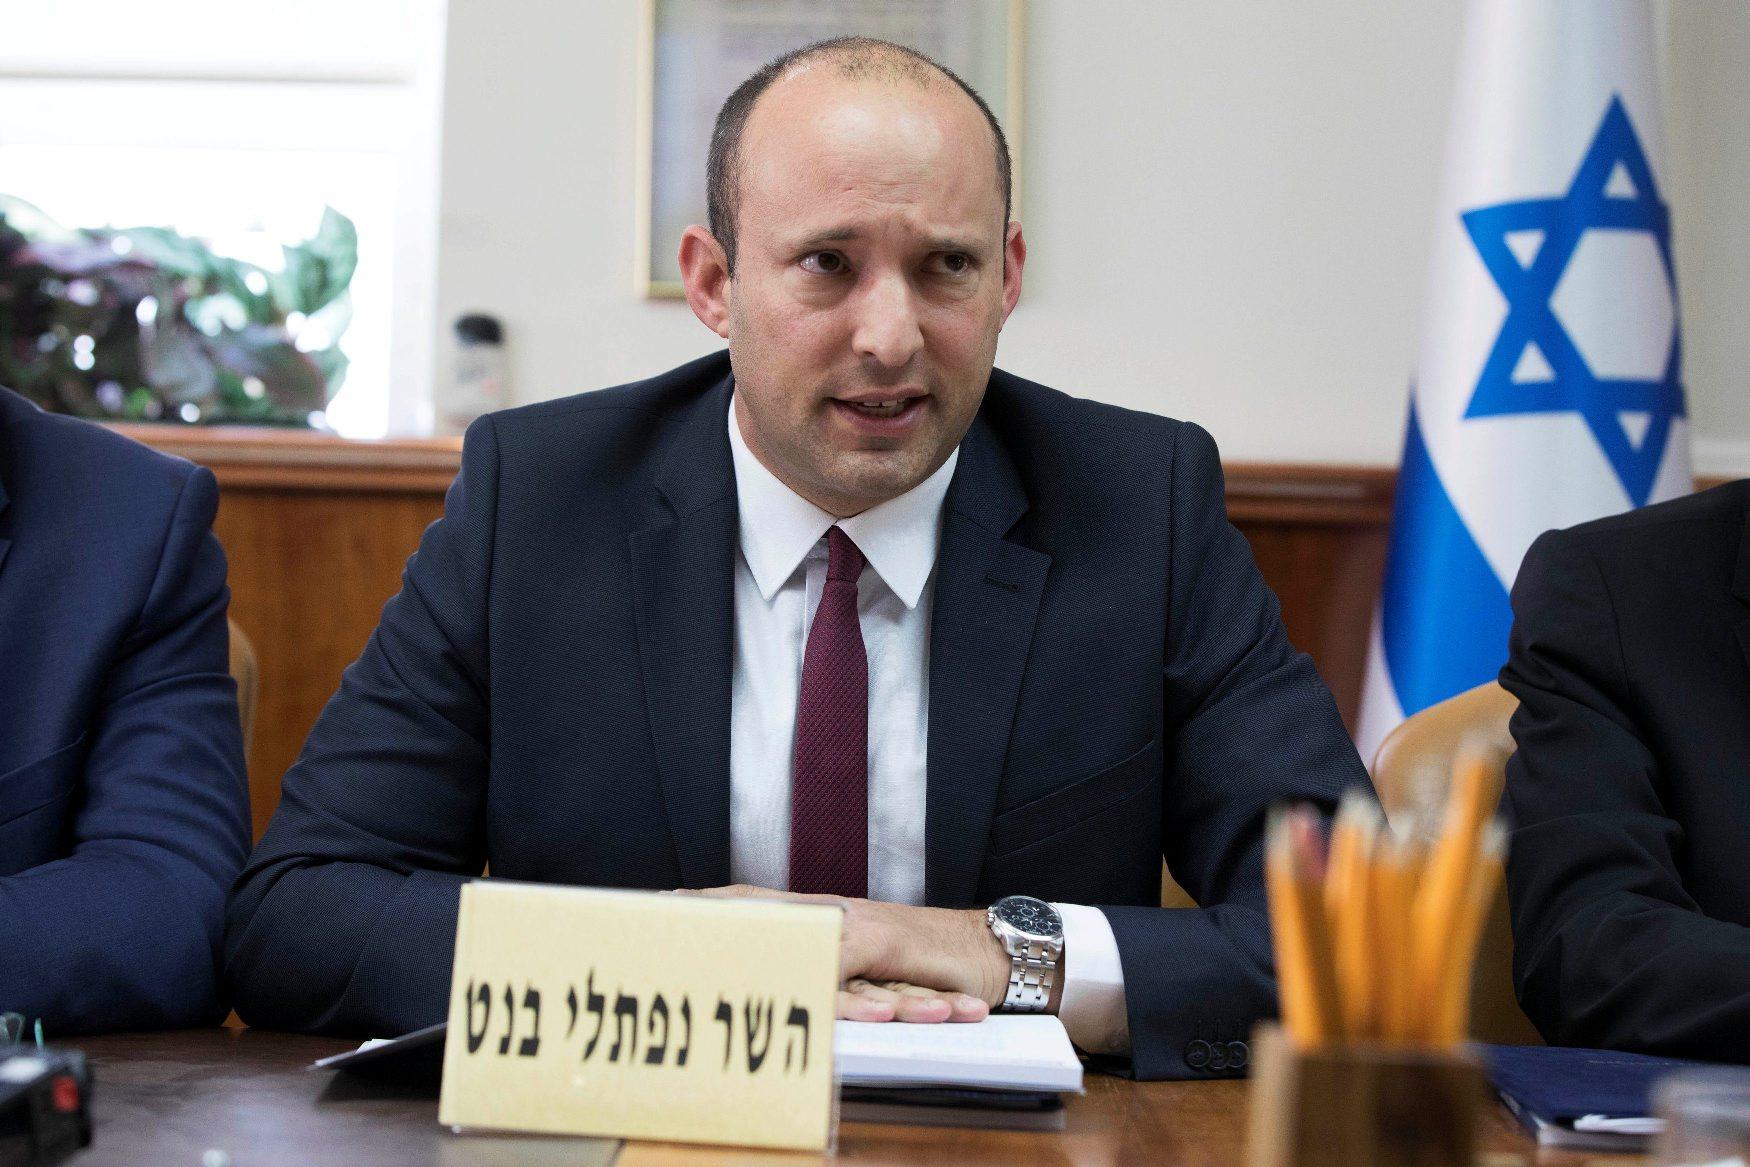 2019-01-27T121013Z_370108360_RC16C68A7BF0_RTRMADP_3_ISRAEL-POLITICS